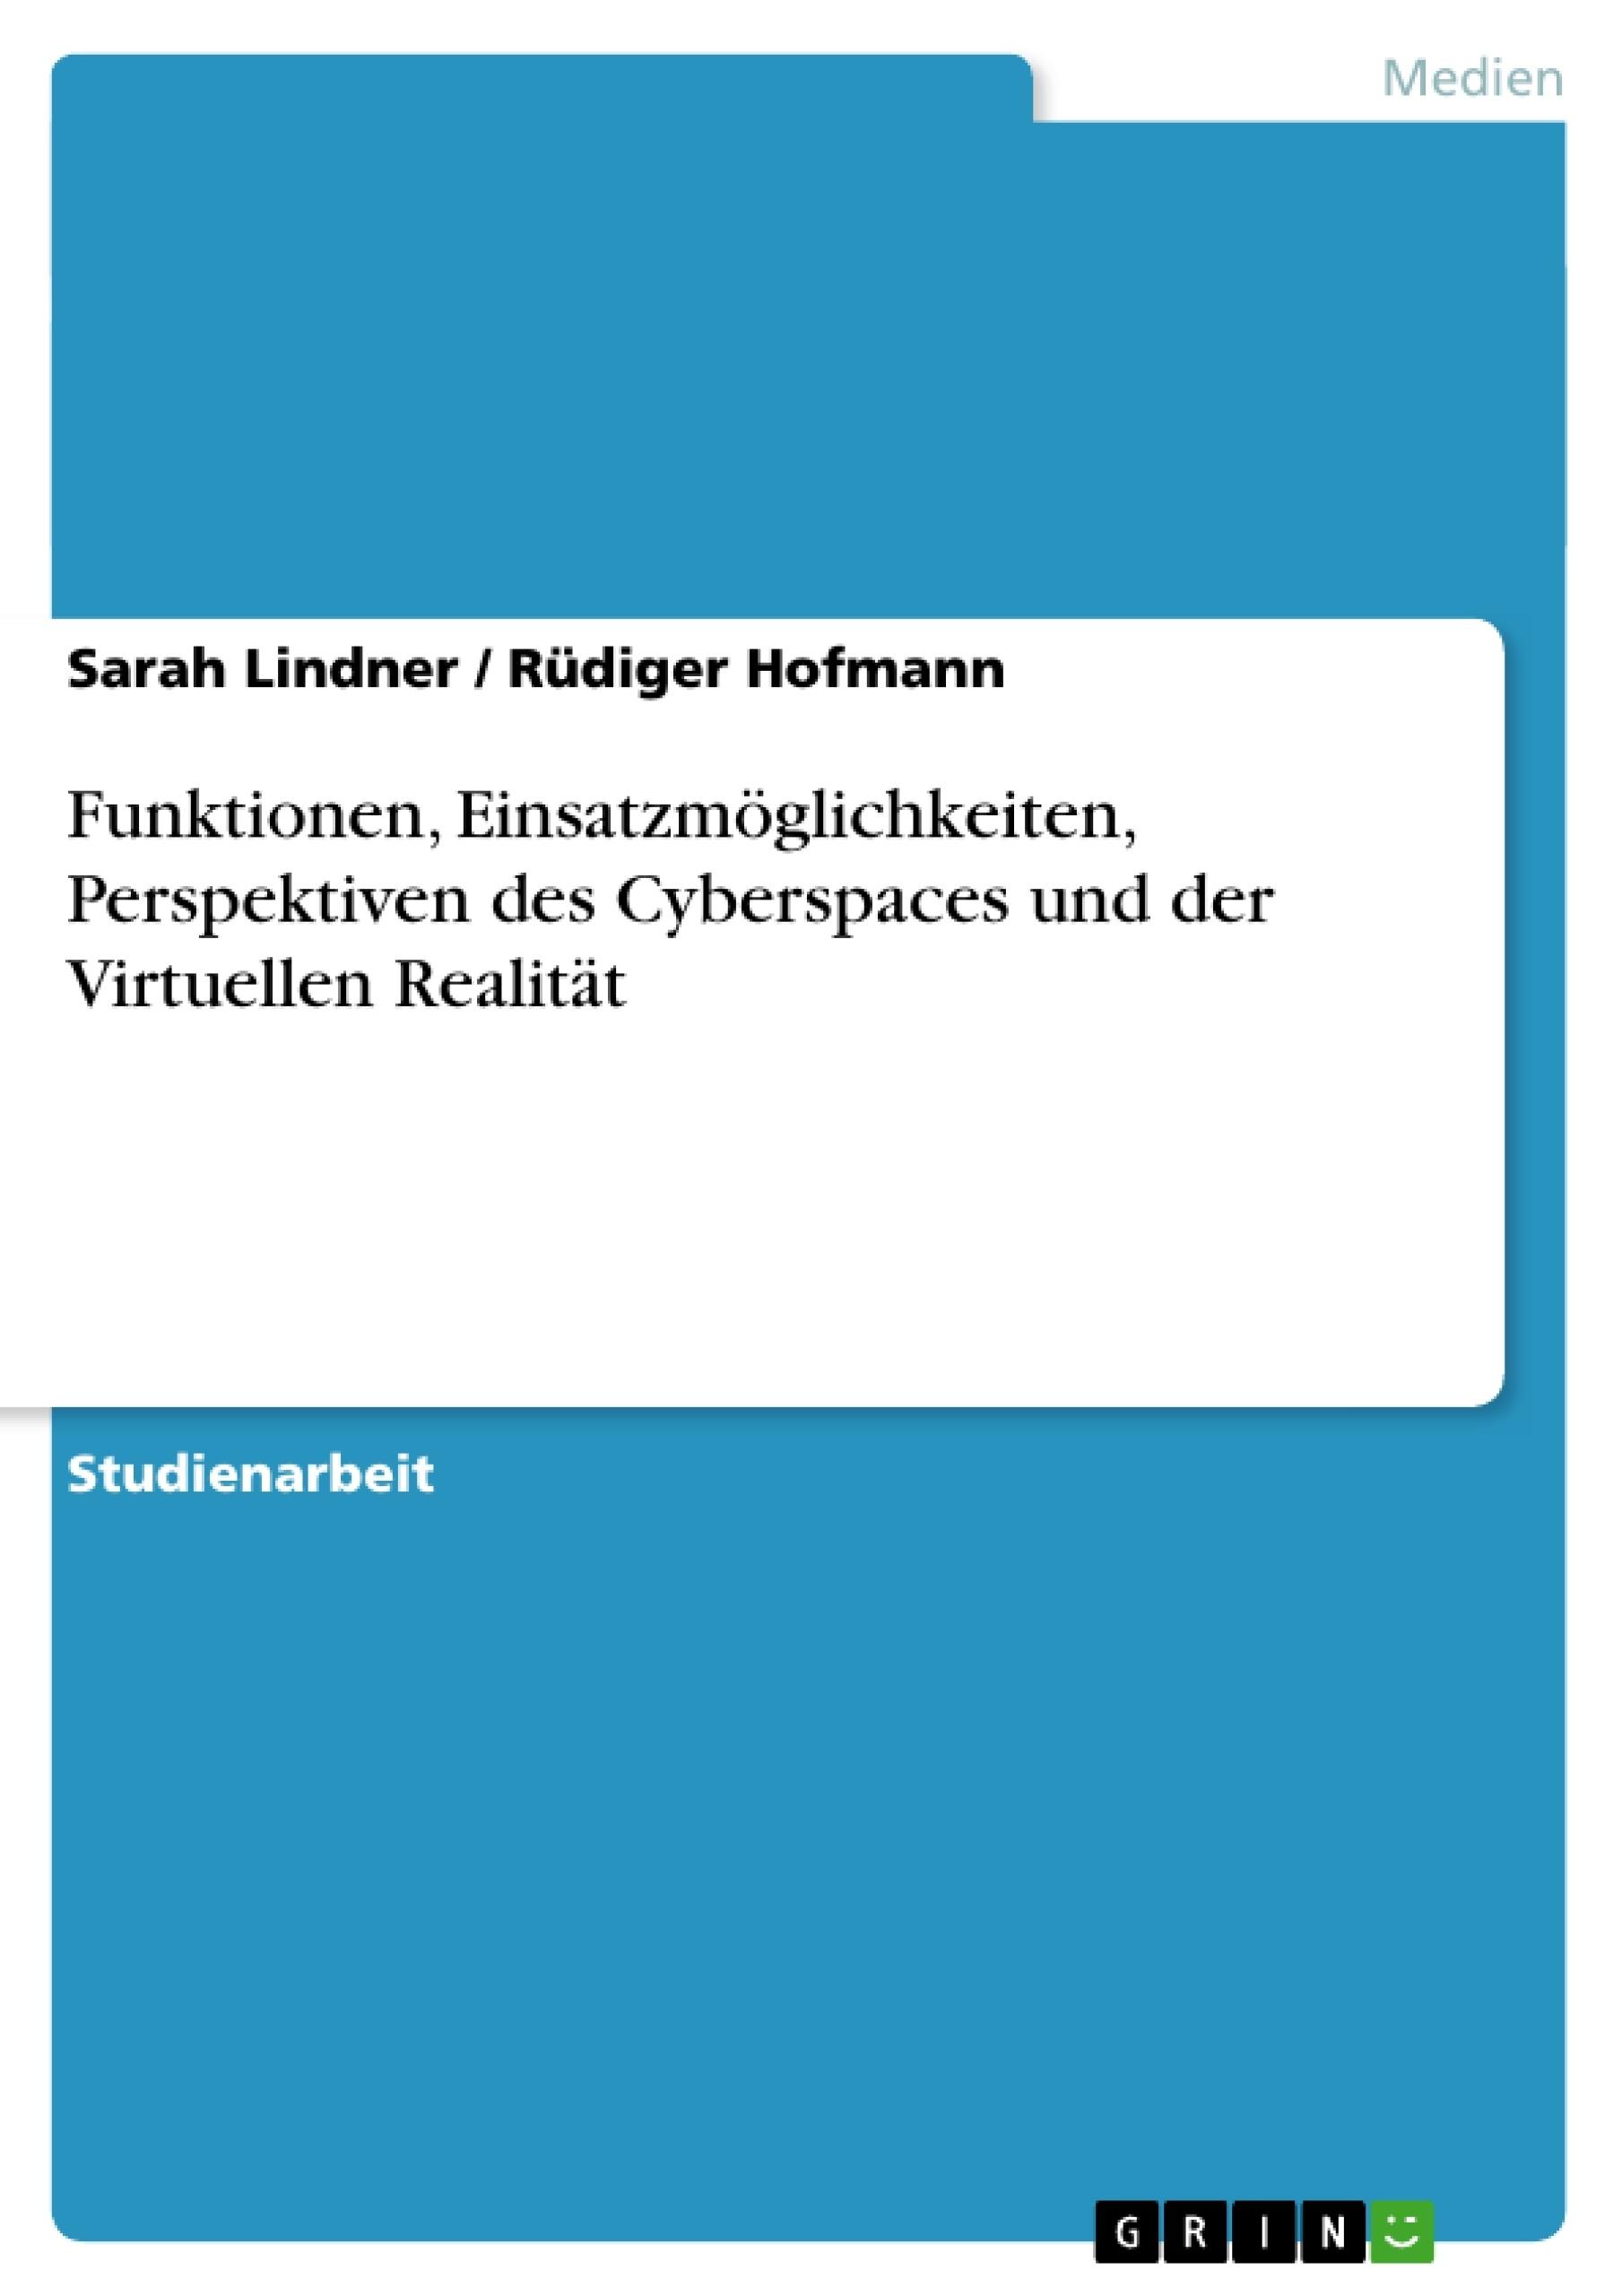 Titel: Funktionen, Einsatzmöglichkeiten, Perspektiven des Cyberspaces und der Virtuellen Realität